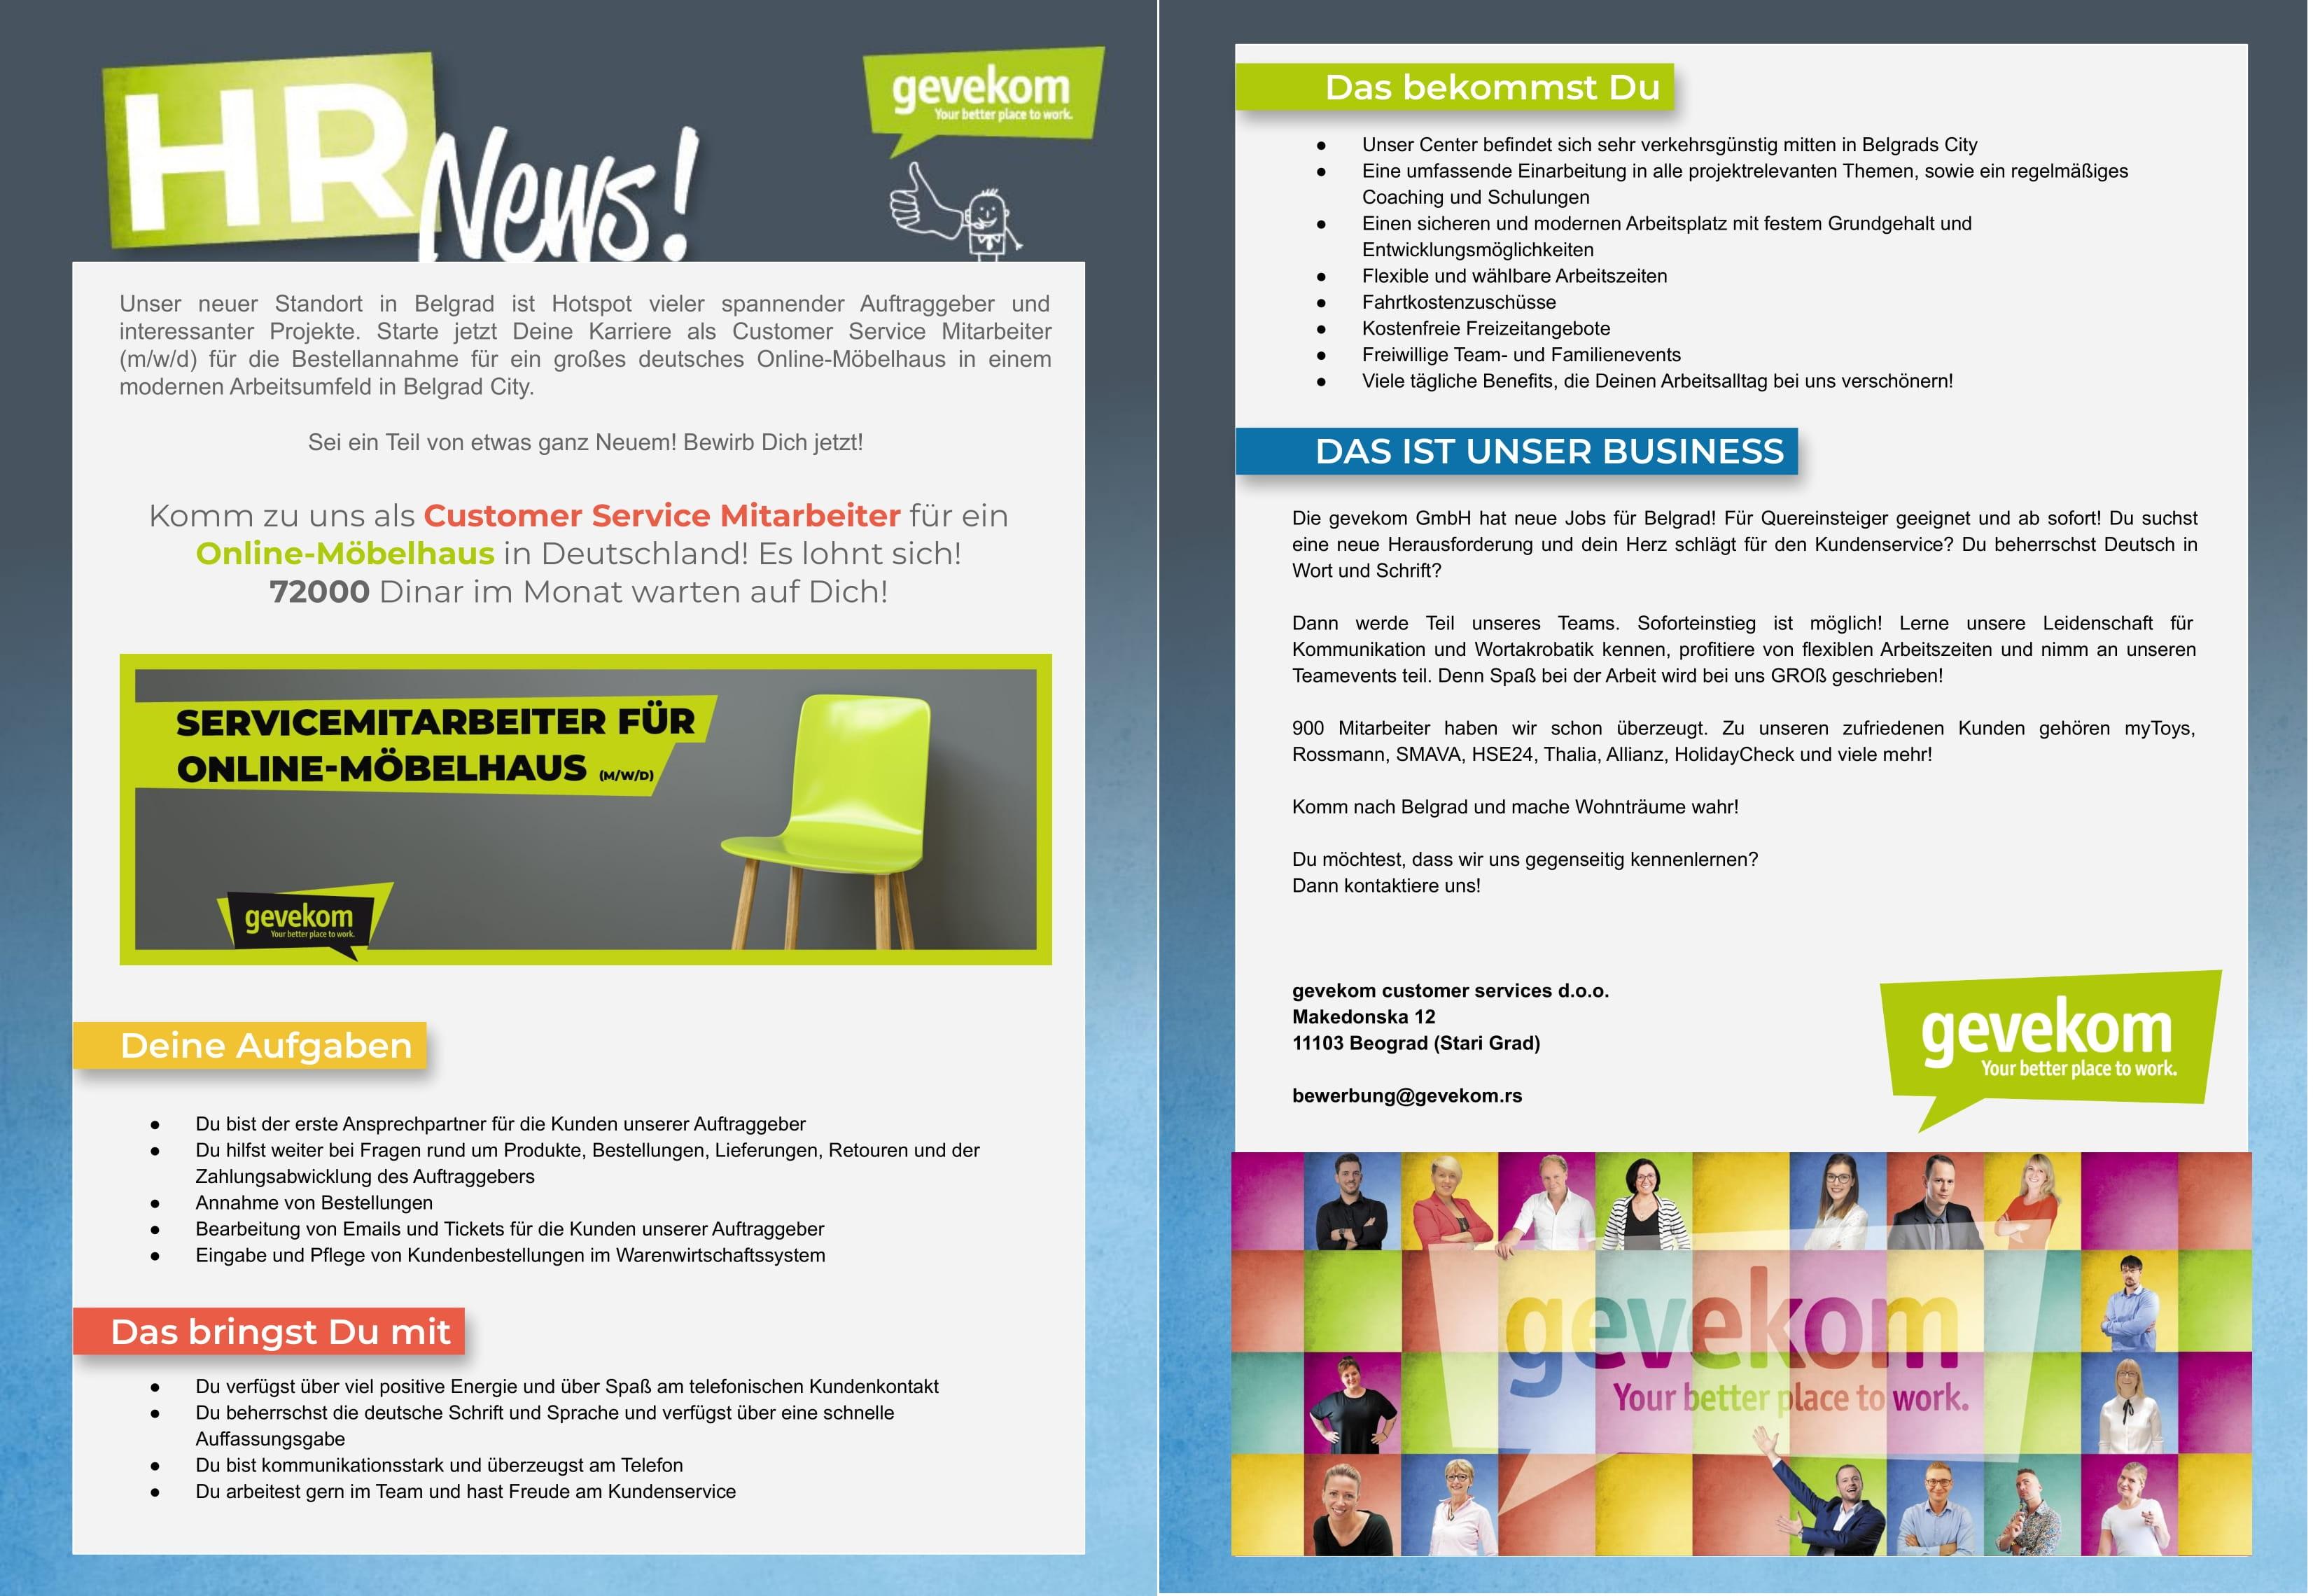 Servicemitarbeiter für online-möbelhaus (m/w/d)